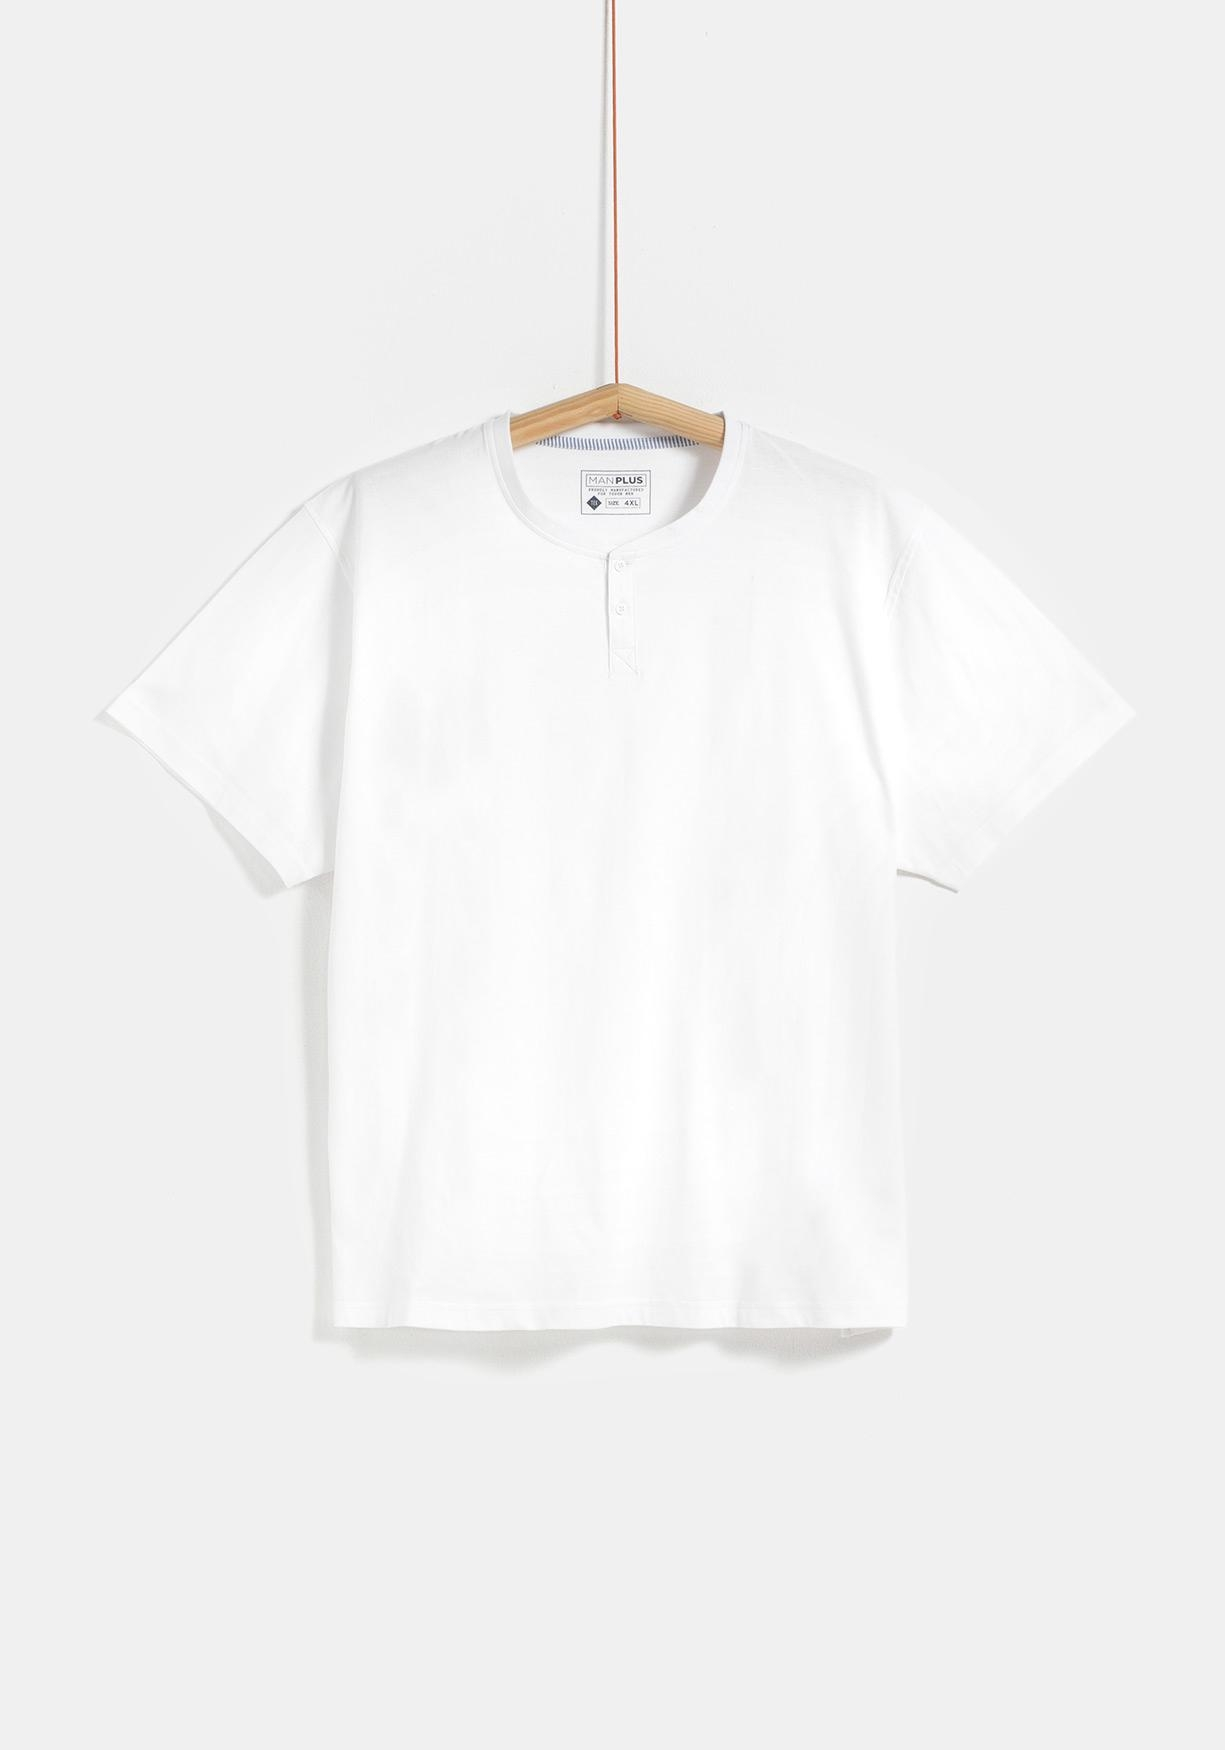 823e6c0b07f Comprar Camiseta de manga corta Tallas Grandes TEX. ¡Aprovéchate de ...